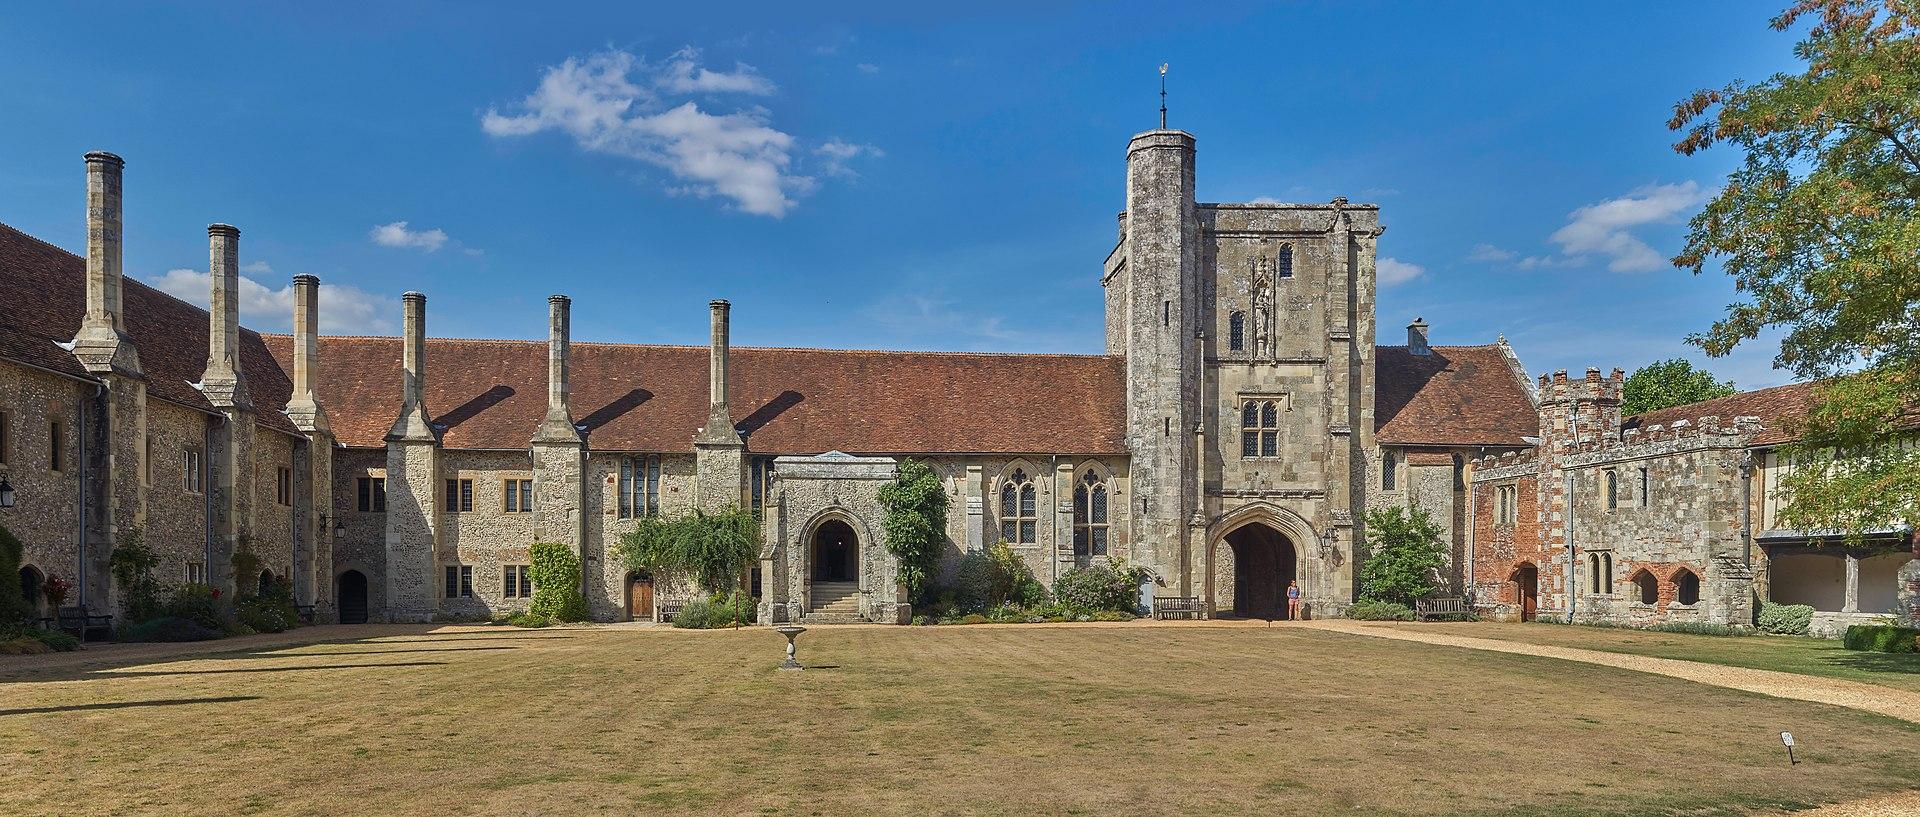 The Hospital of St Cross, St Cross, Winchester, UK